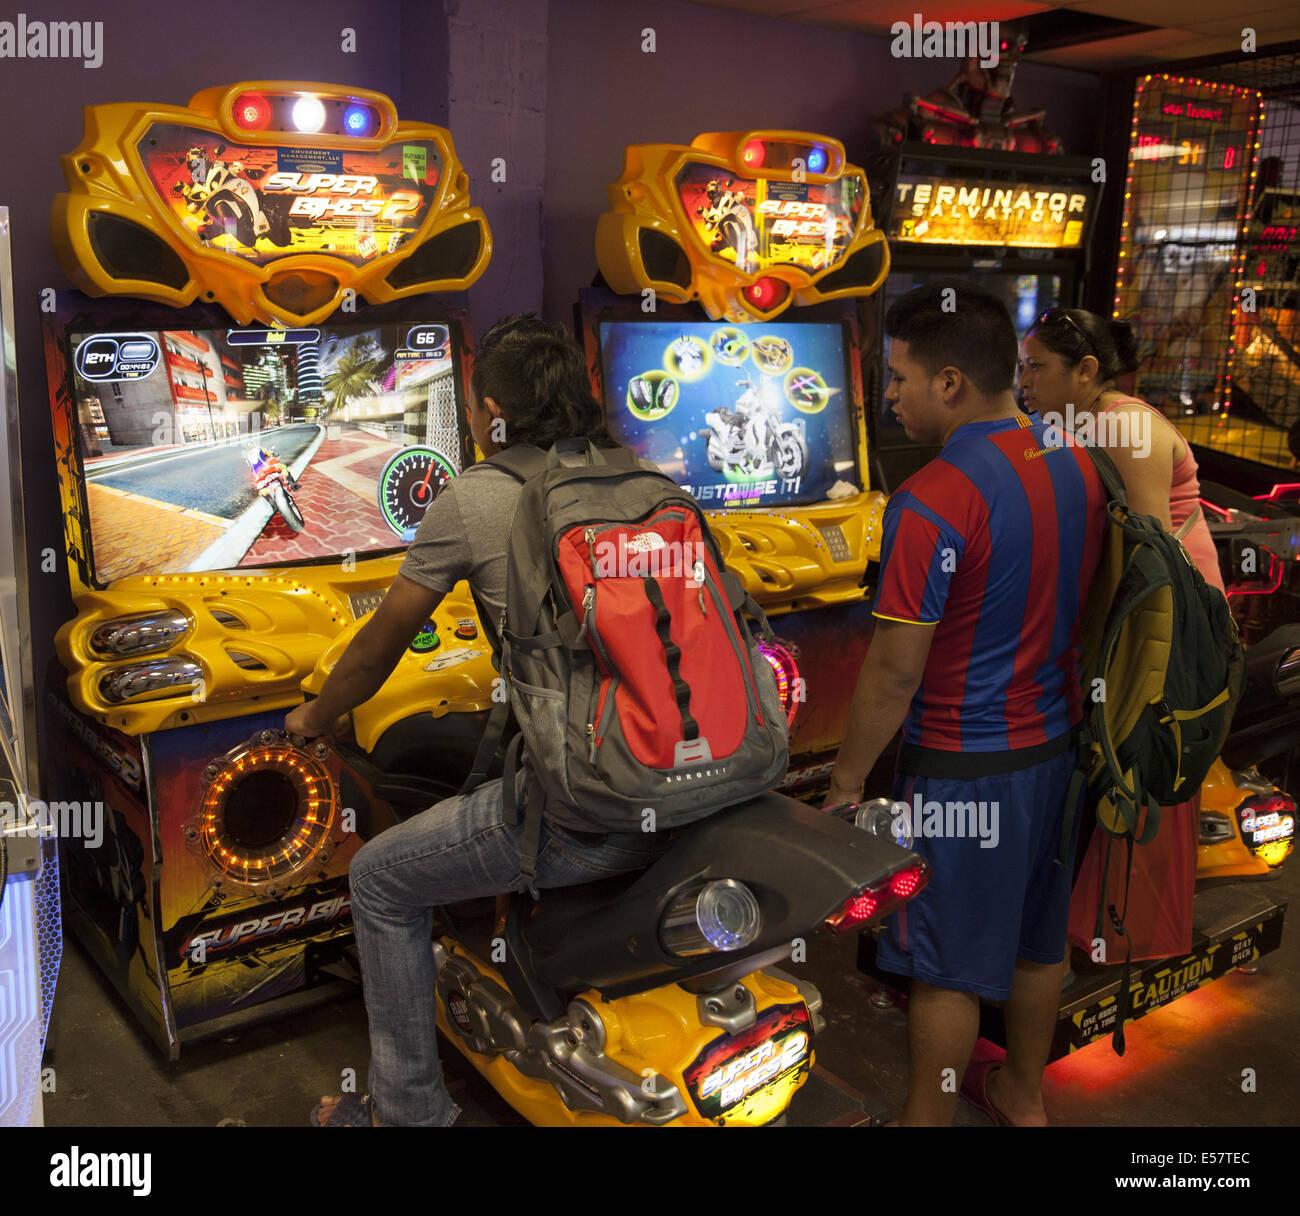 Coney Island Salas De Videojuegos Con Los Juegos Violentos Son